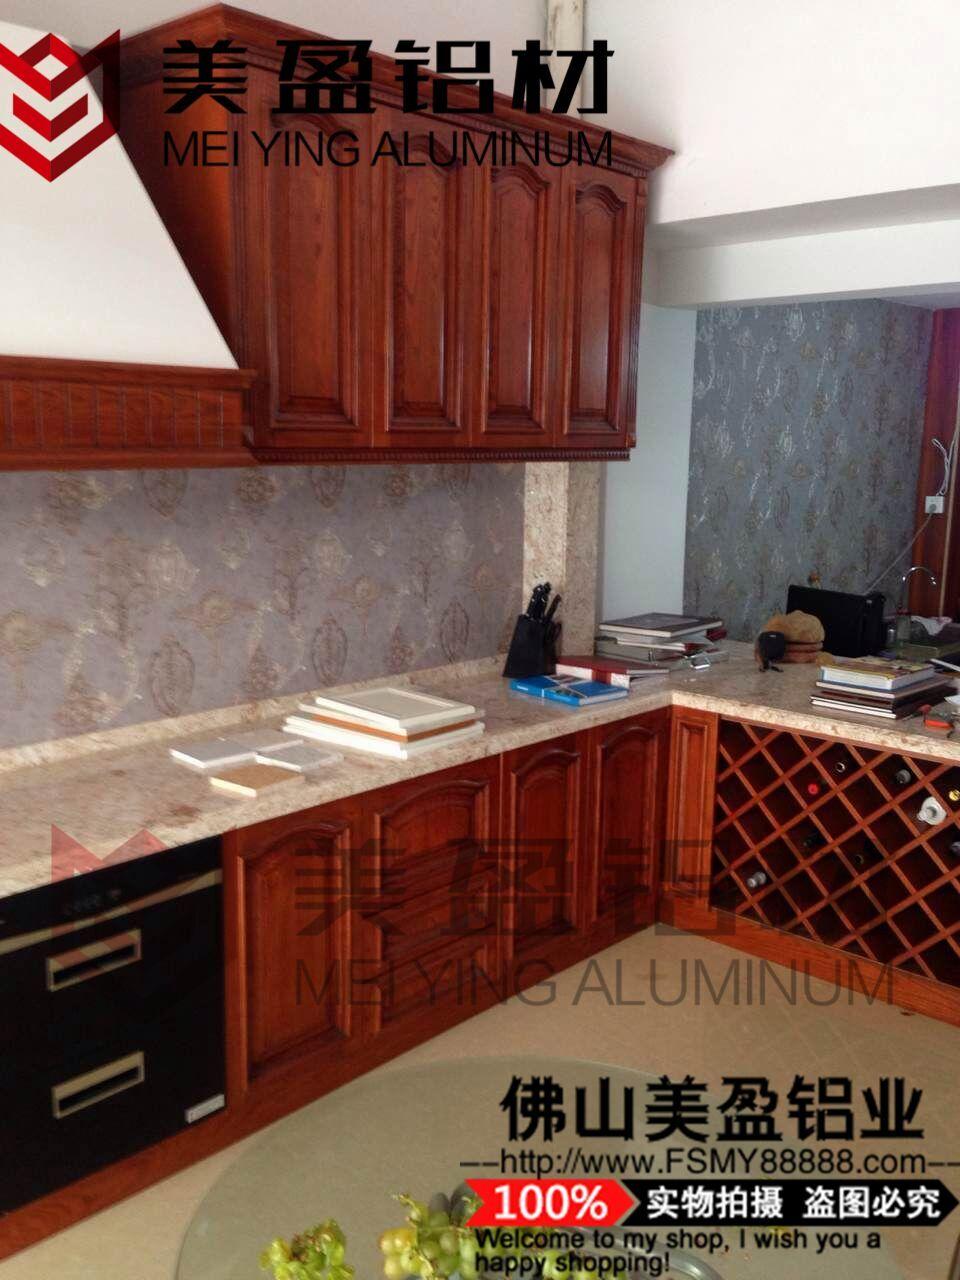 供应用于橱柜加工的全铝合金橱柜衣柜铝材瓷砖橱柜